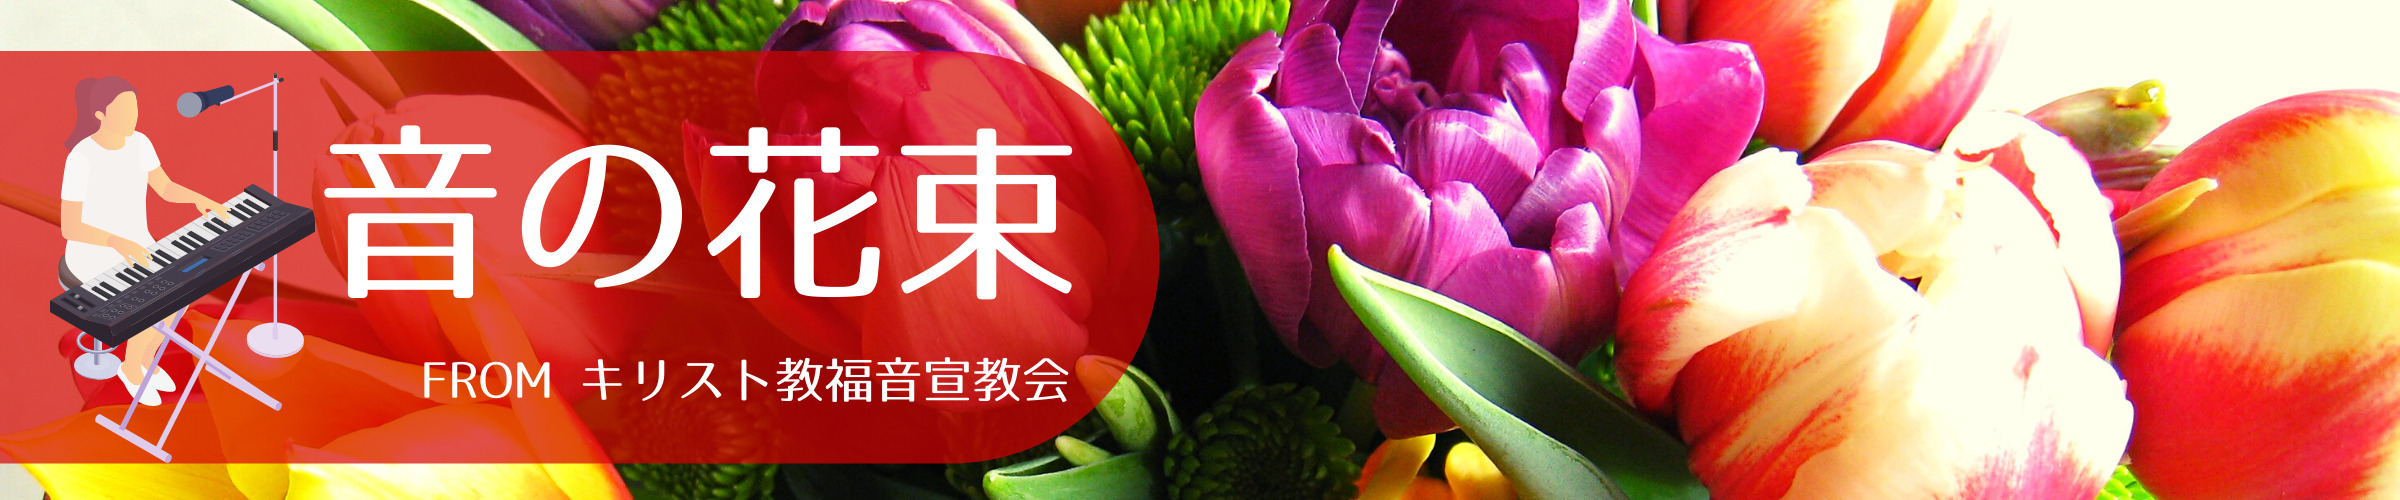 音の花束 from CGM | キリスト教福音宣教会